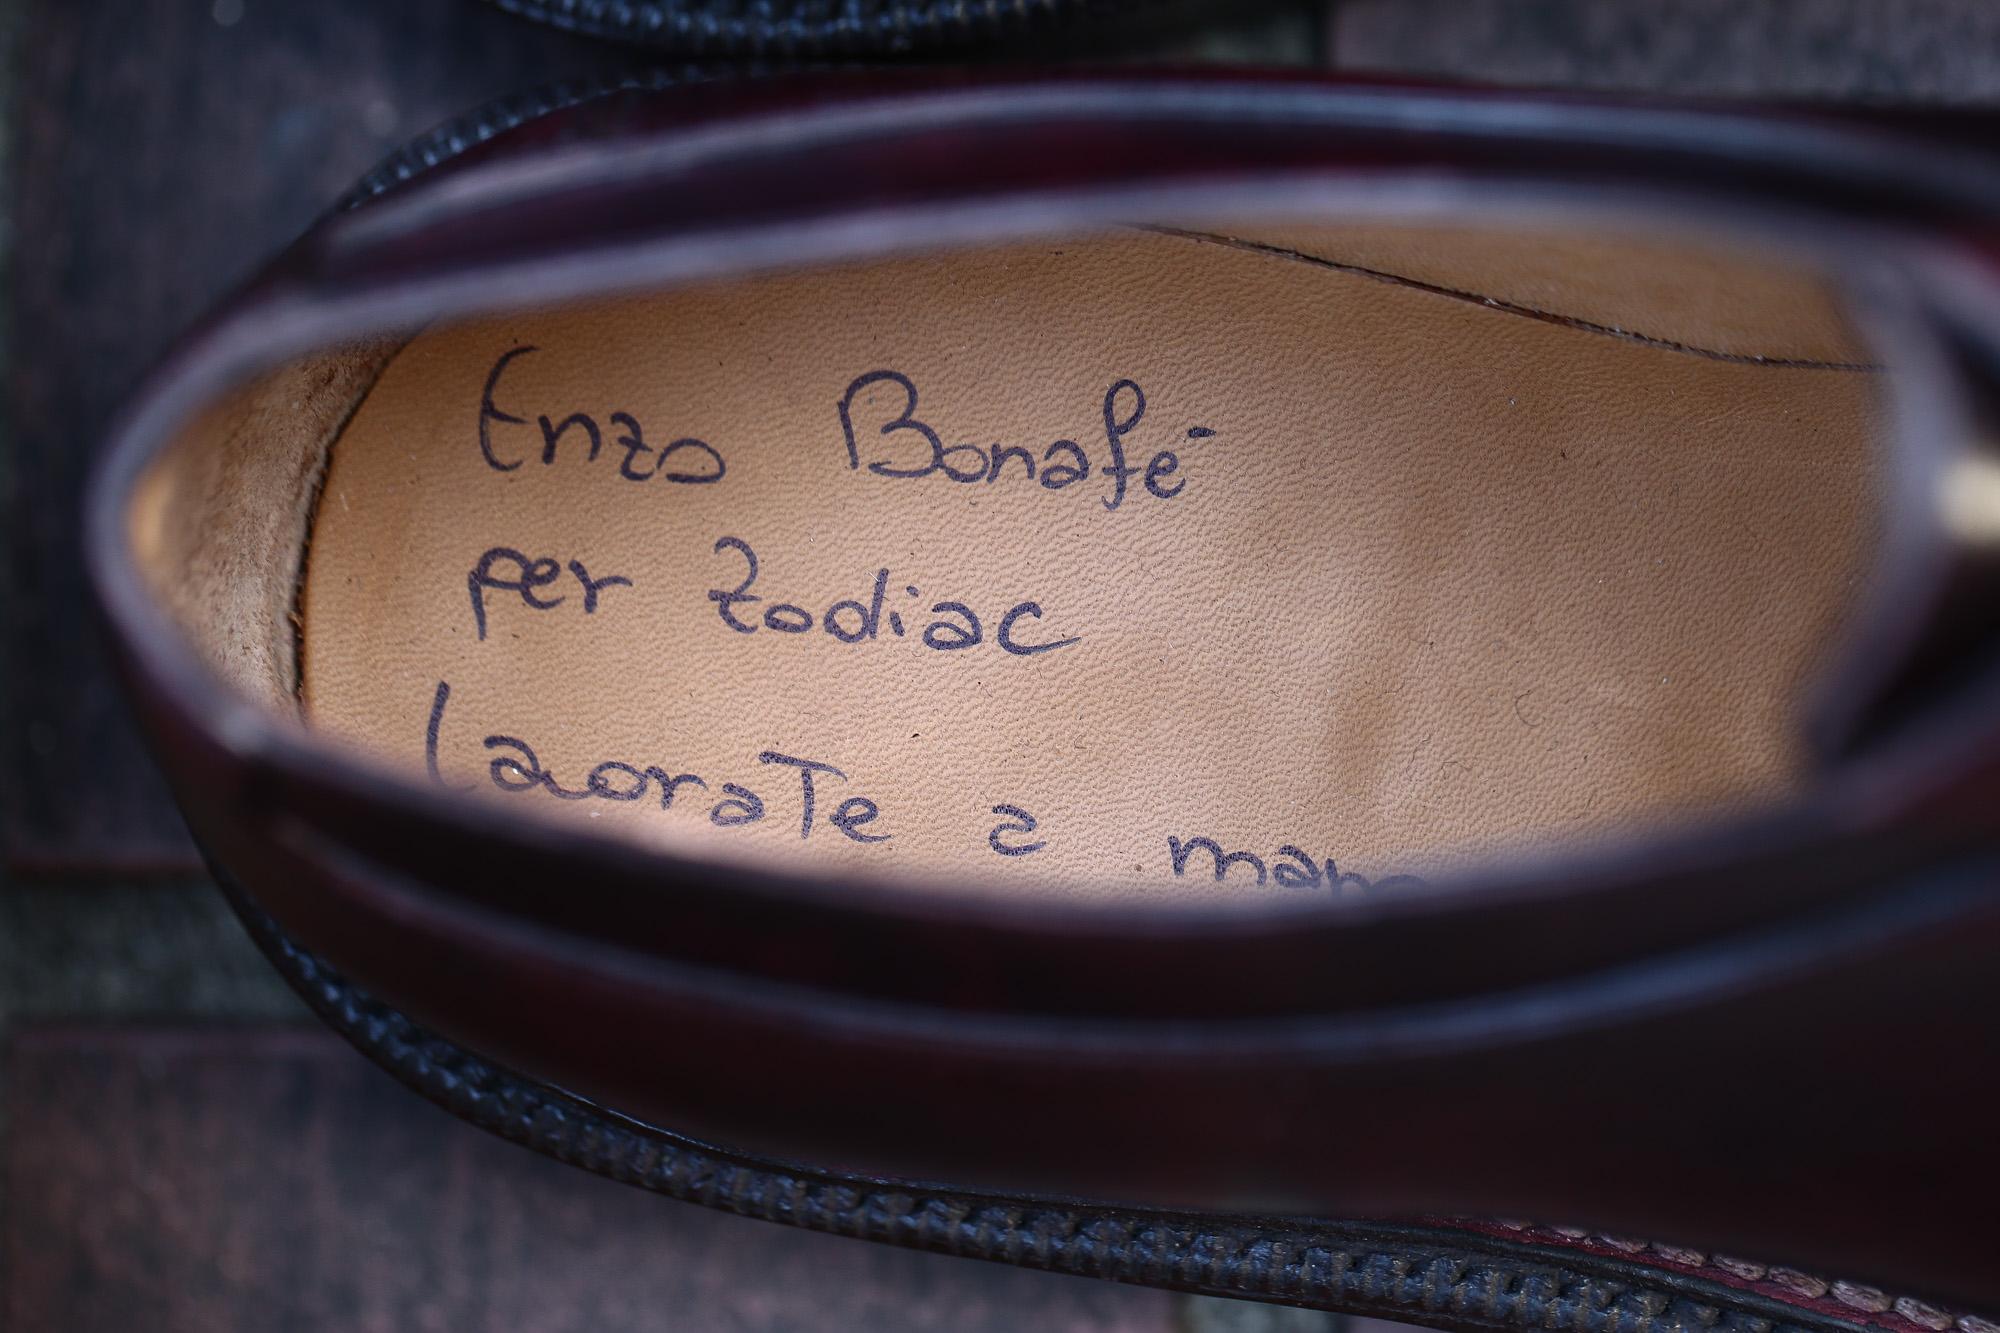 ENZO BONAFE(エンツォボナフェ) 【BERING /// ベーリング】 Bonaudo Museum Calf Leather(ボナウド社ミュージアムカーフレザー) ノルベジェーゼ製法 Uチップシューズ レザーシューズ PLUM(バーガンディー) made in italy(イタリア製) 2017 秋冬新作 愛知 名古屋 ZODIAC ゾディアック エンツォボナフェ 5.5,6,6.5,7,7.5,8,8.5,9,9.5